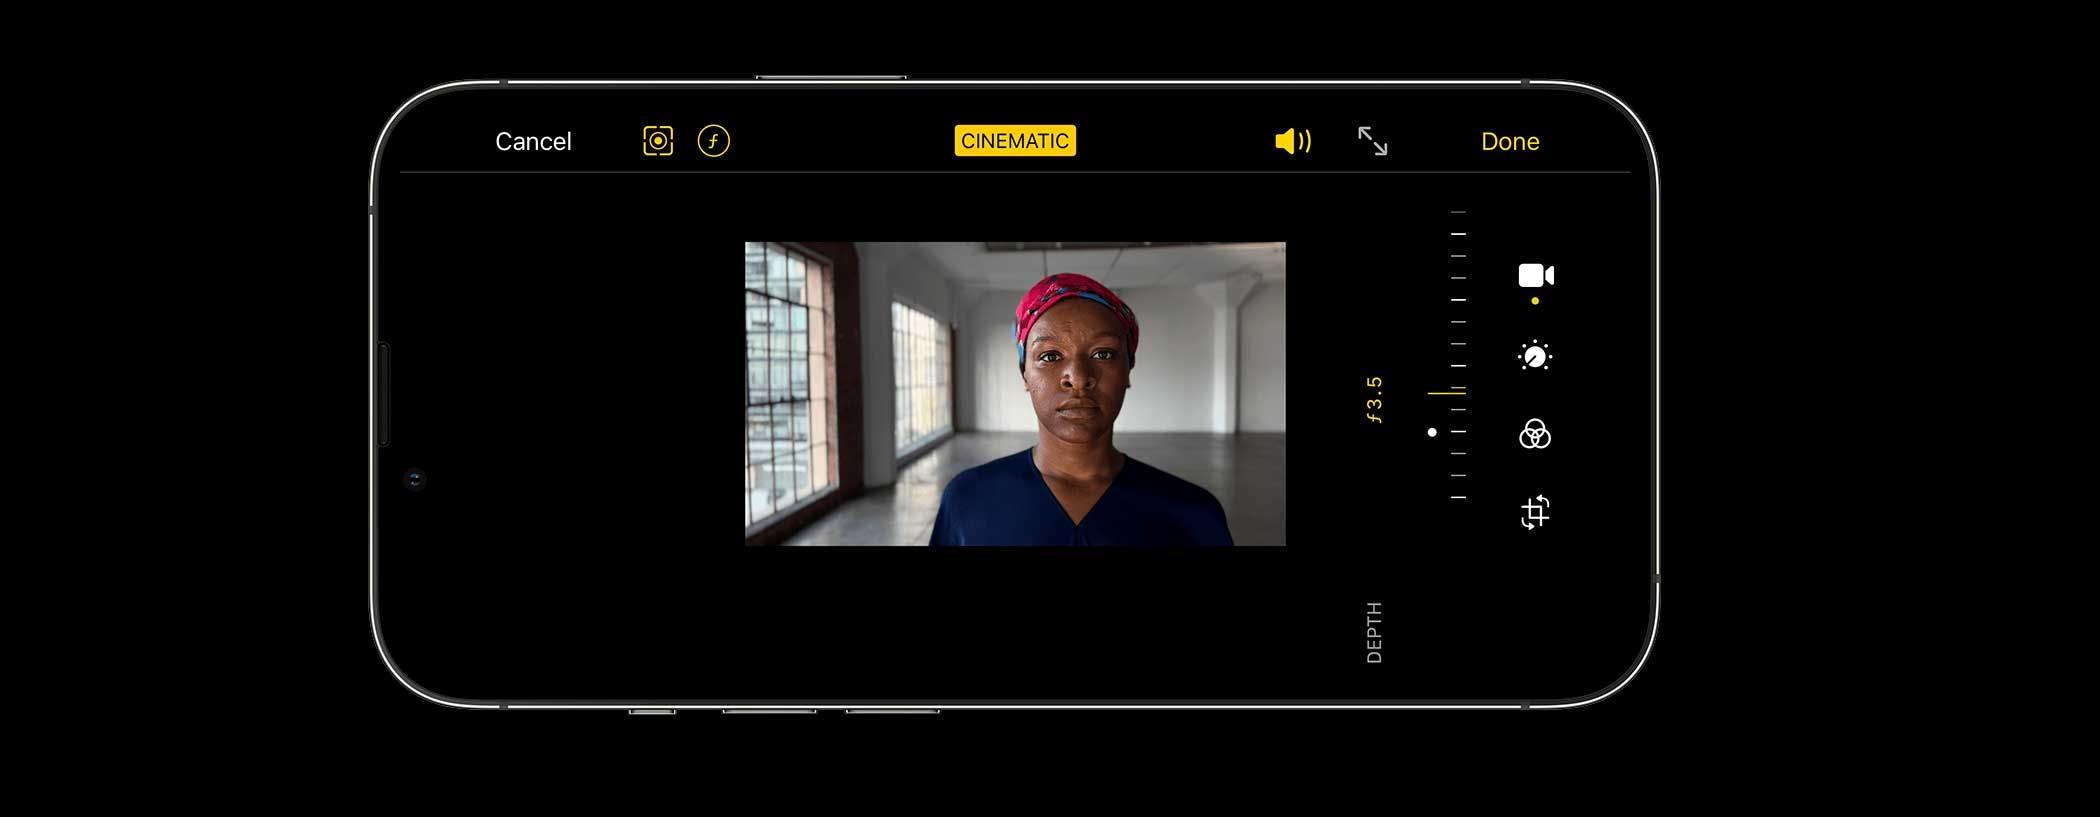 Come Apple ha progettato la modalità Cinema di iPhone 13